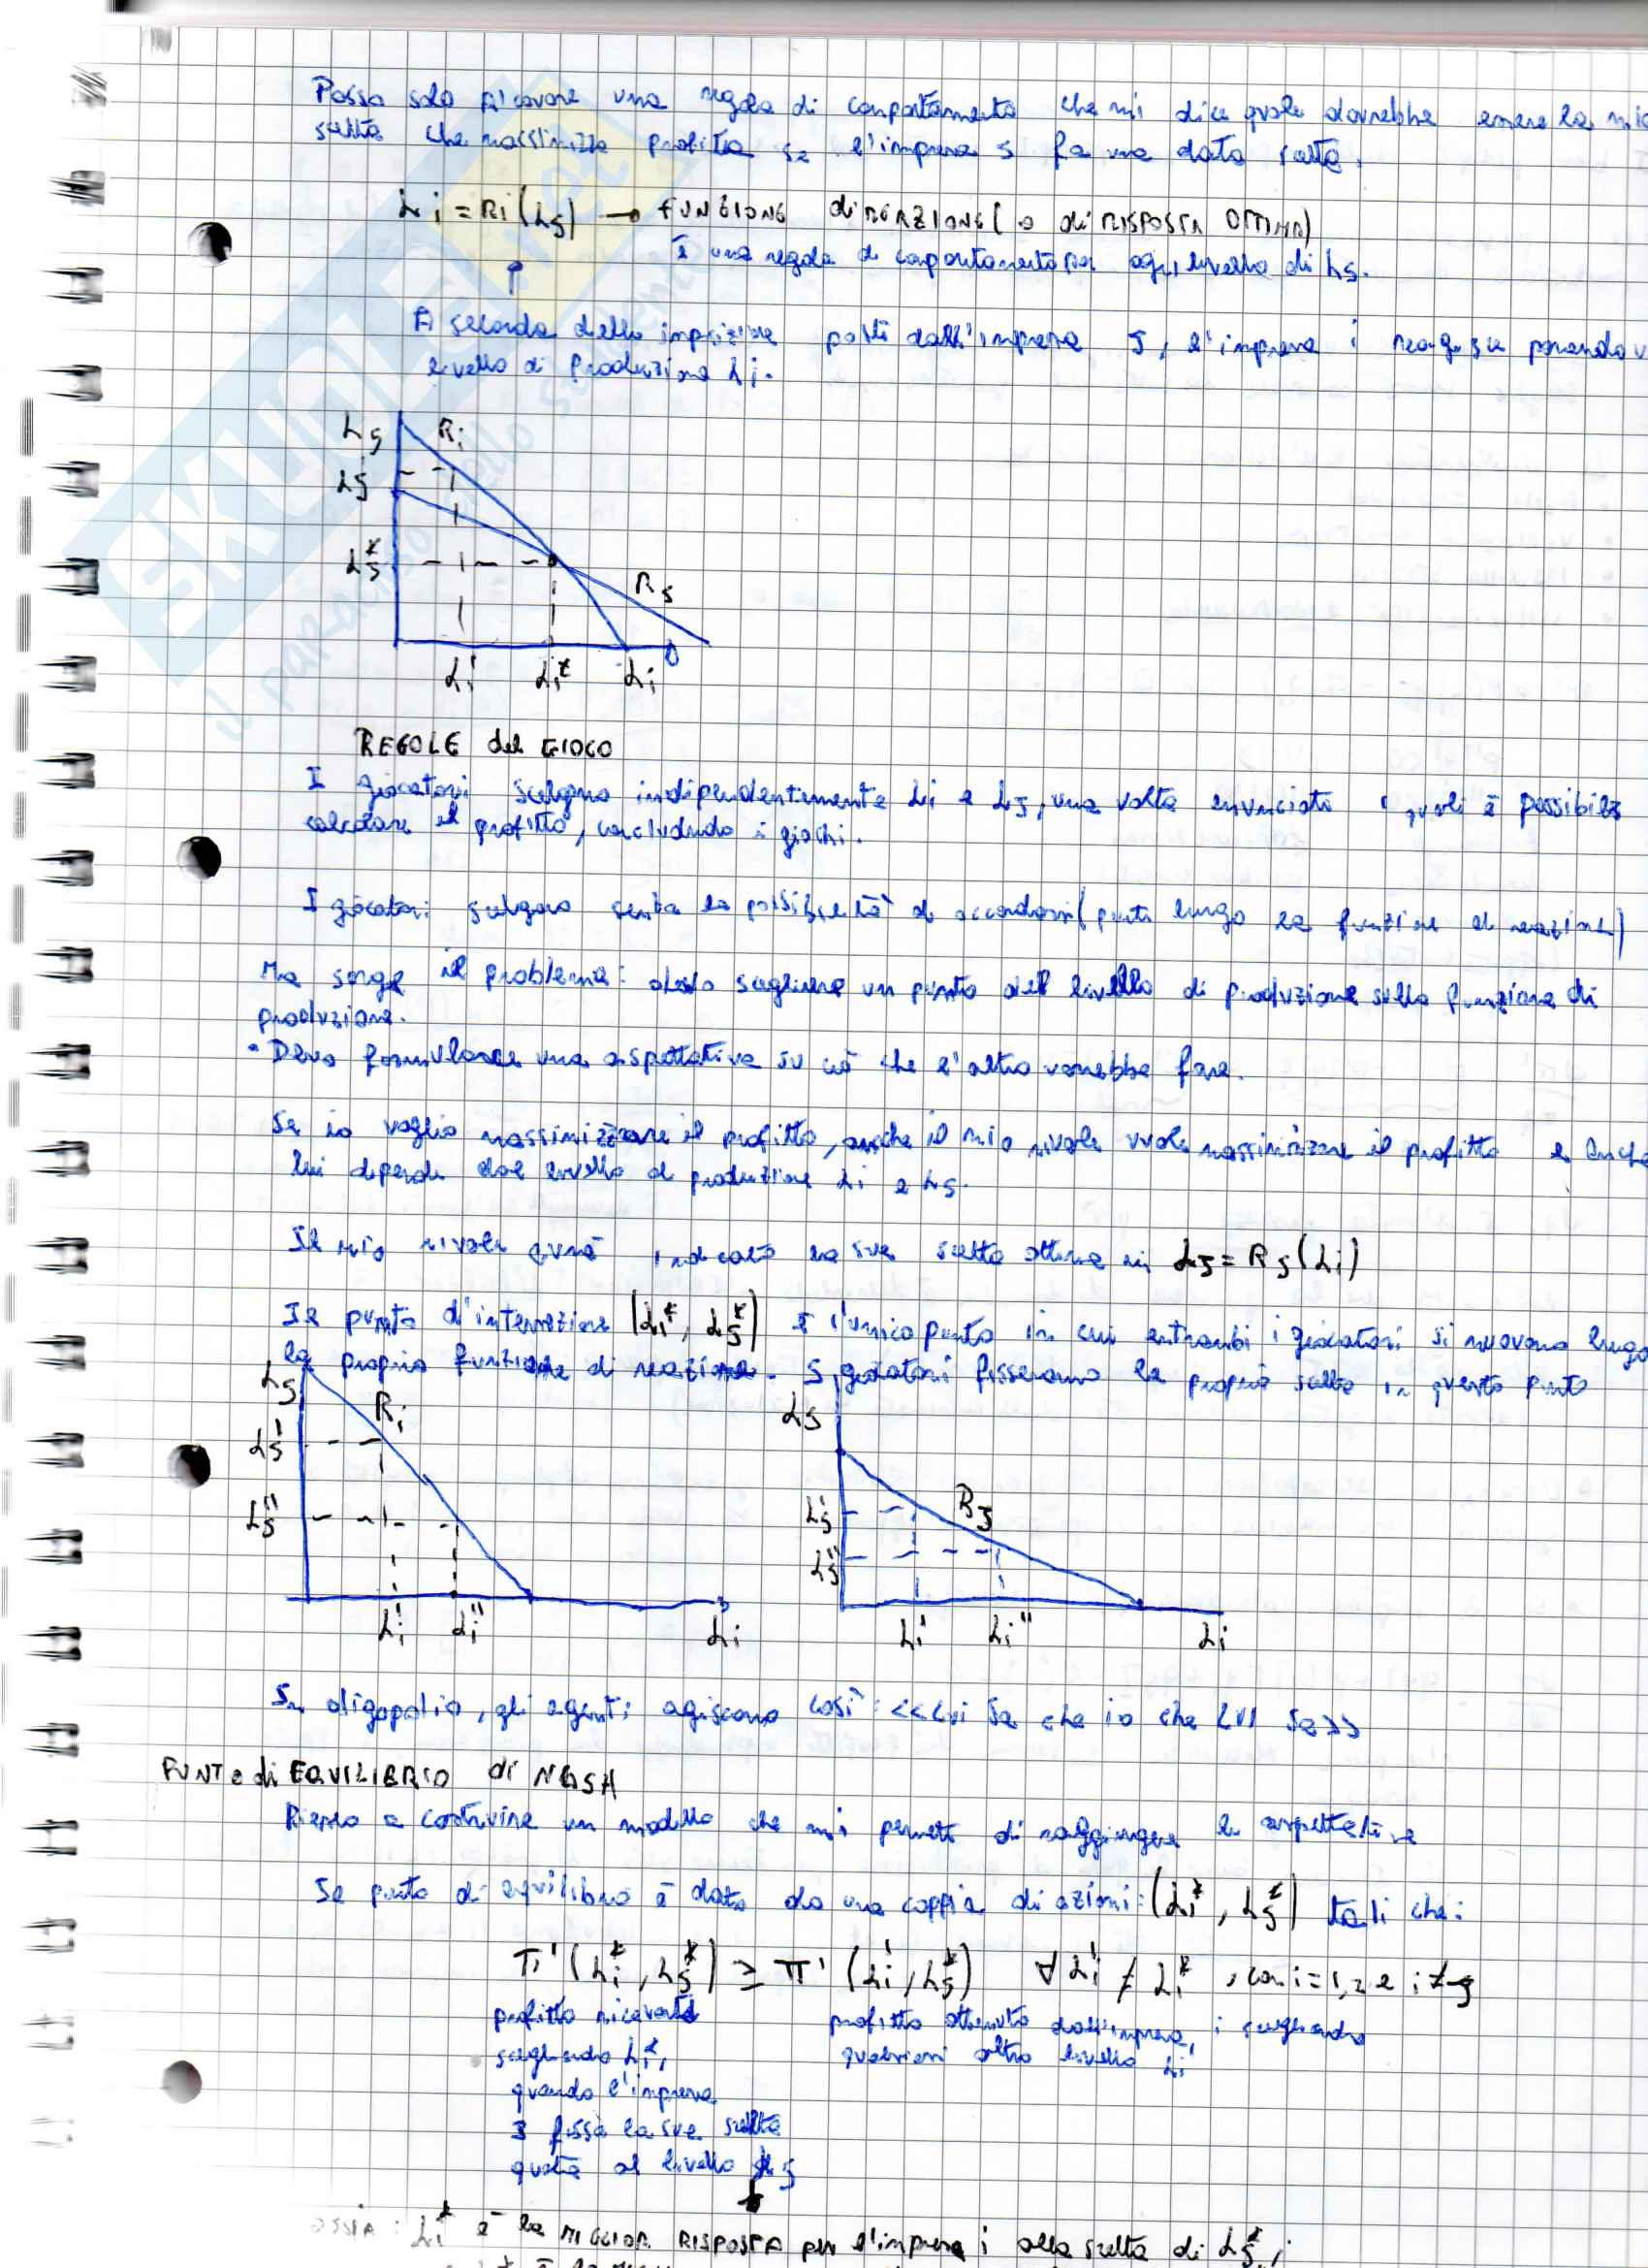 Appunti sul Monopolio e Oligopolio per l'esame di Microeconomia, prof.Martina Pag. 16